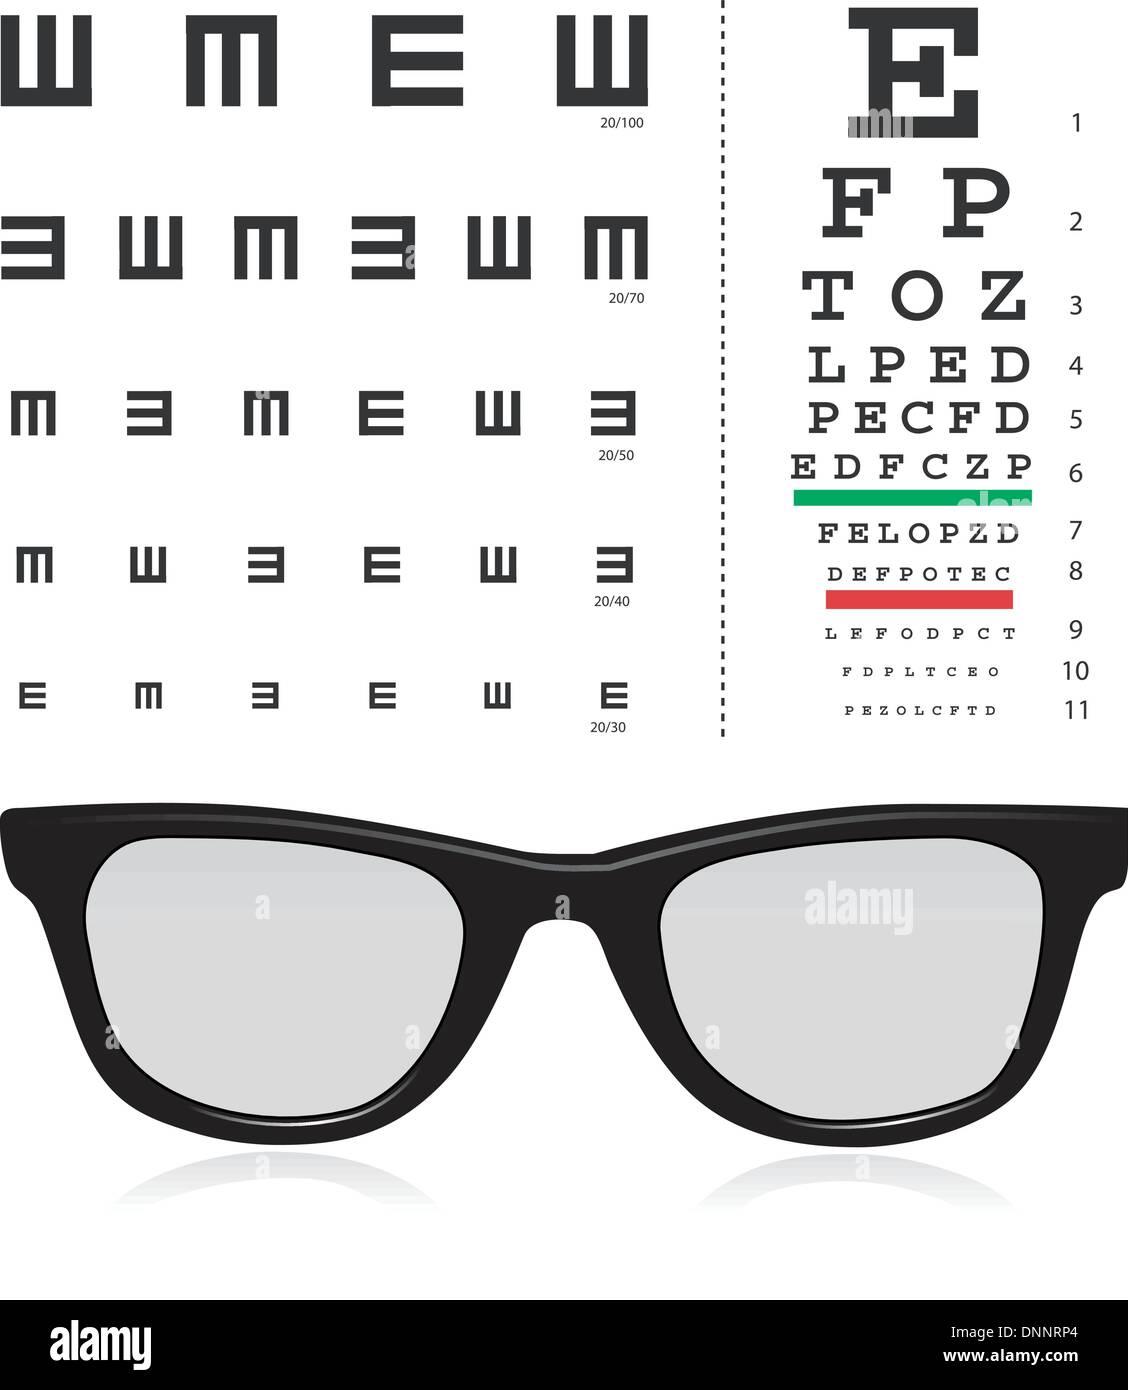 Prueba ocular Snellen gráfico vectorial con vidrio aislado sobre fondo blanco. Imagen De Stock